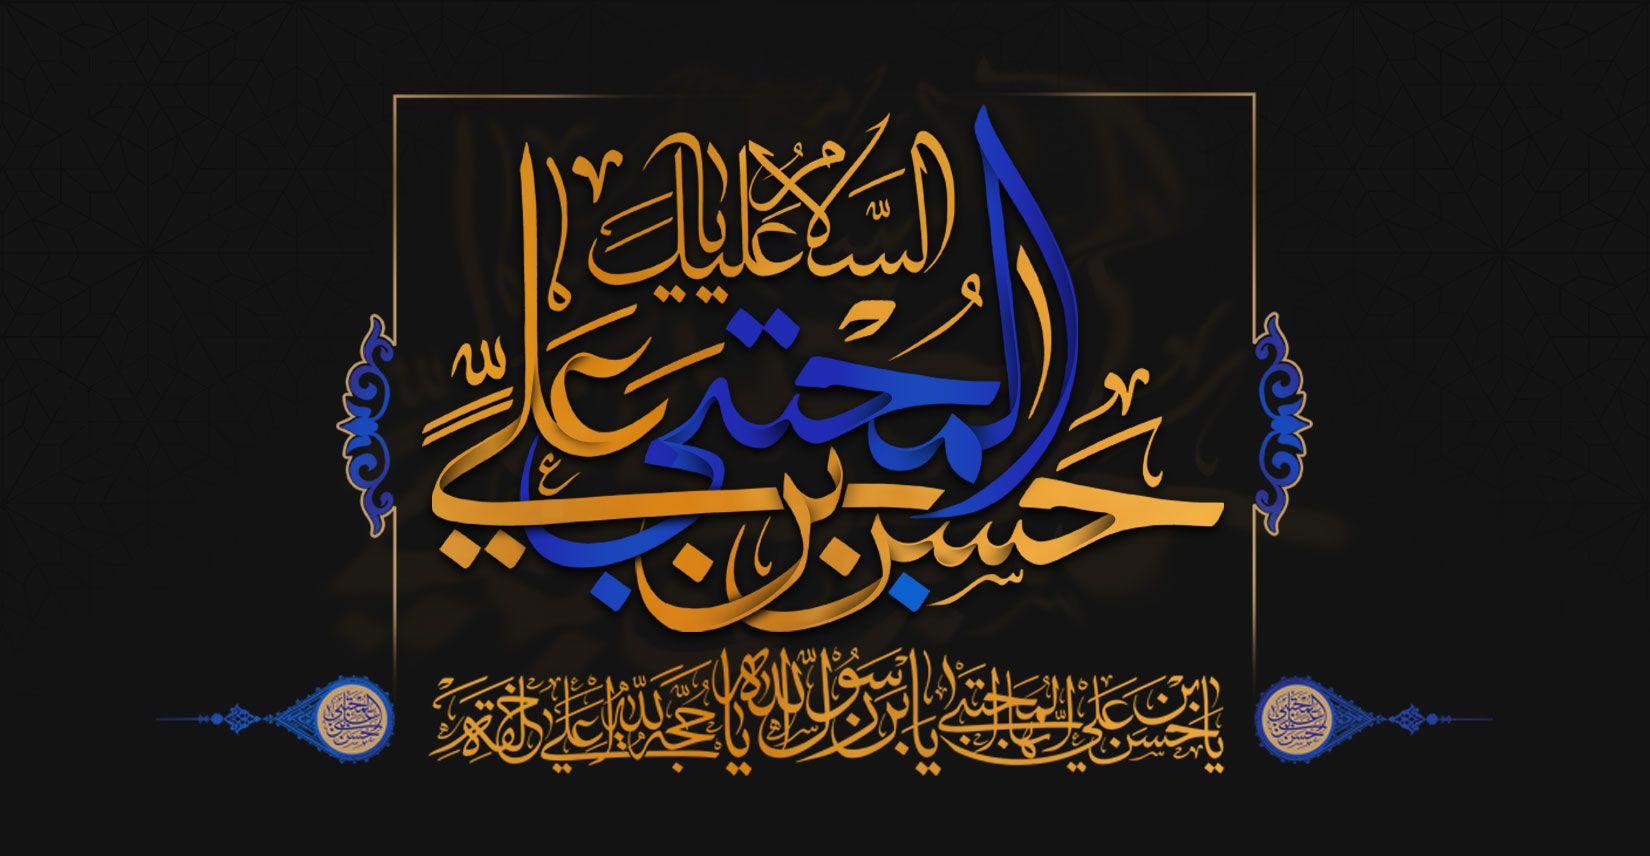 استشهاد الامام الحسن المجتبى عليه السلام Islamic Art Art Neon Signs